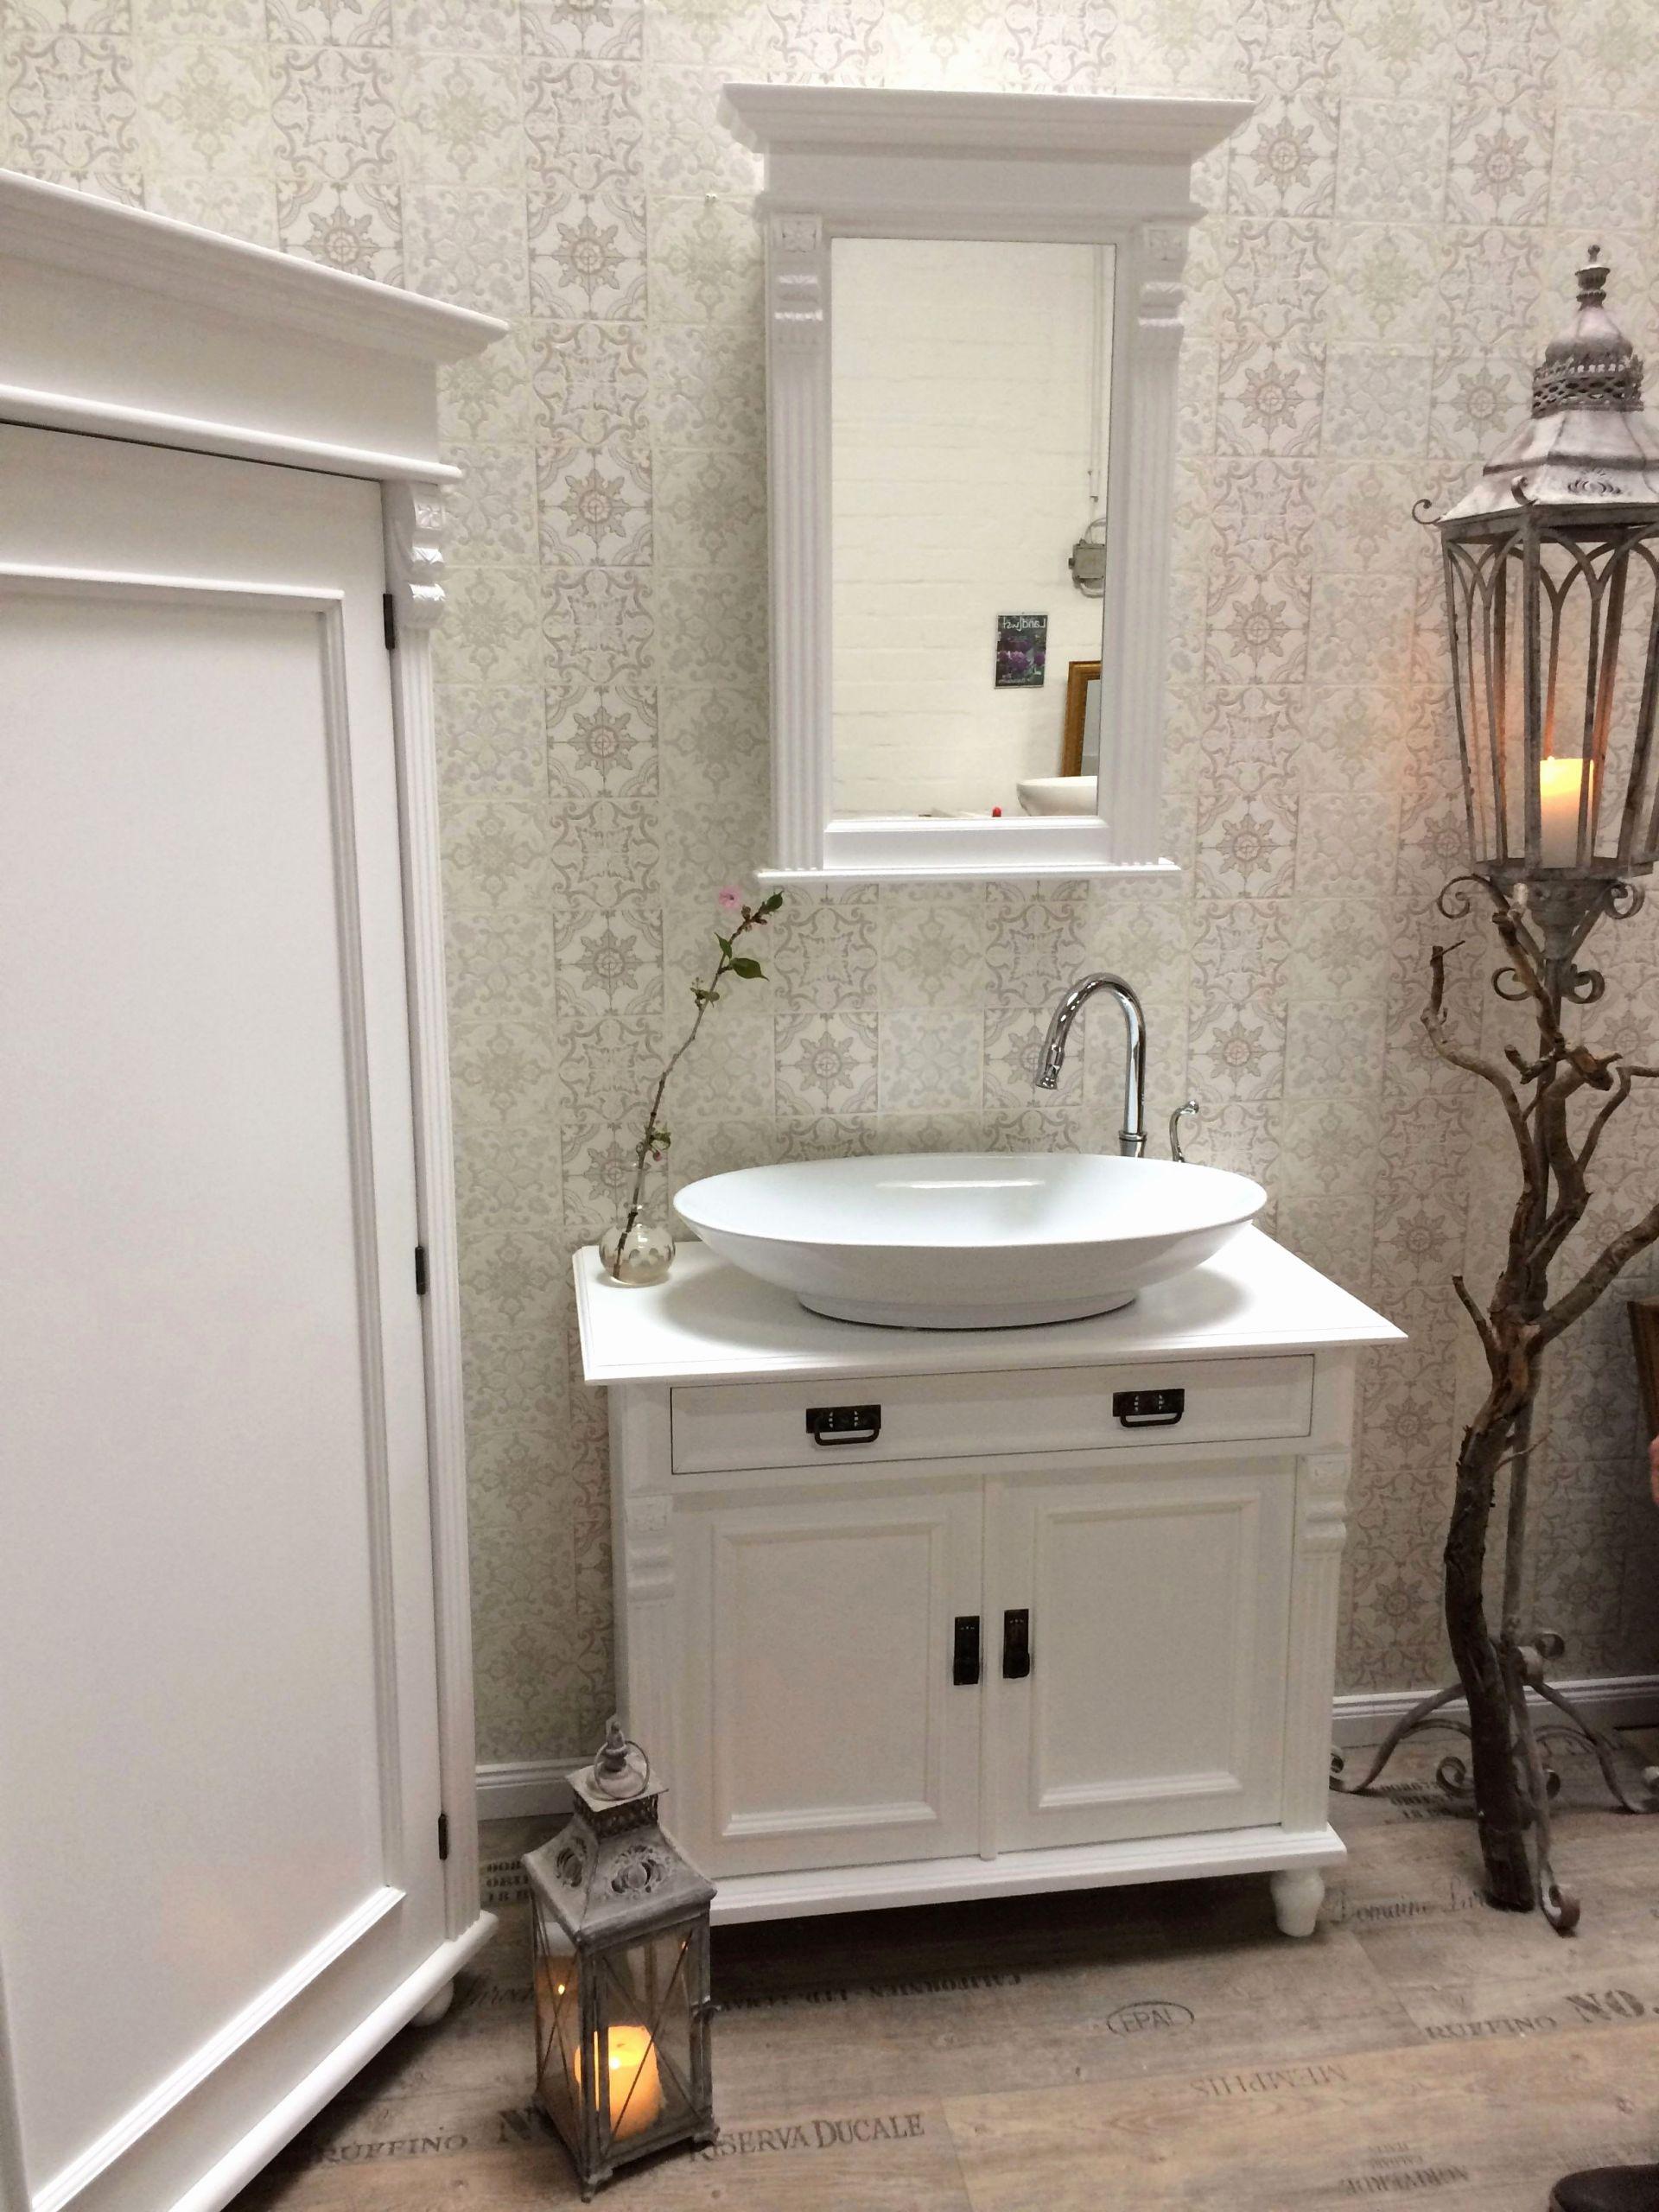 waschtisch unterschrank aufsatzwaschbecken schon badezimmer waschbecken schon waschbecken ideen elegant retro of waschtisch unterschrank aufsatzwaschbecken